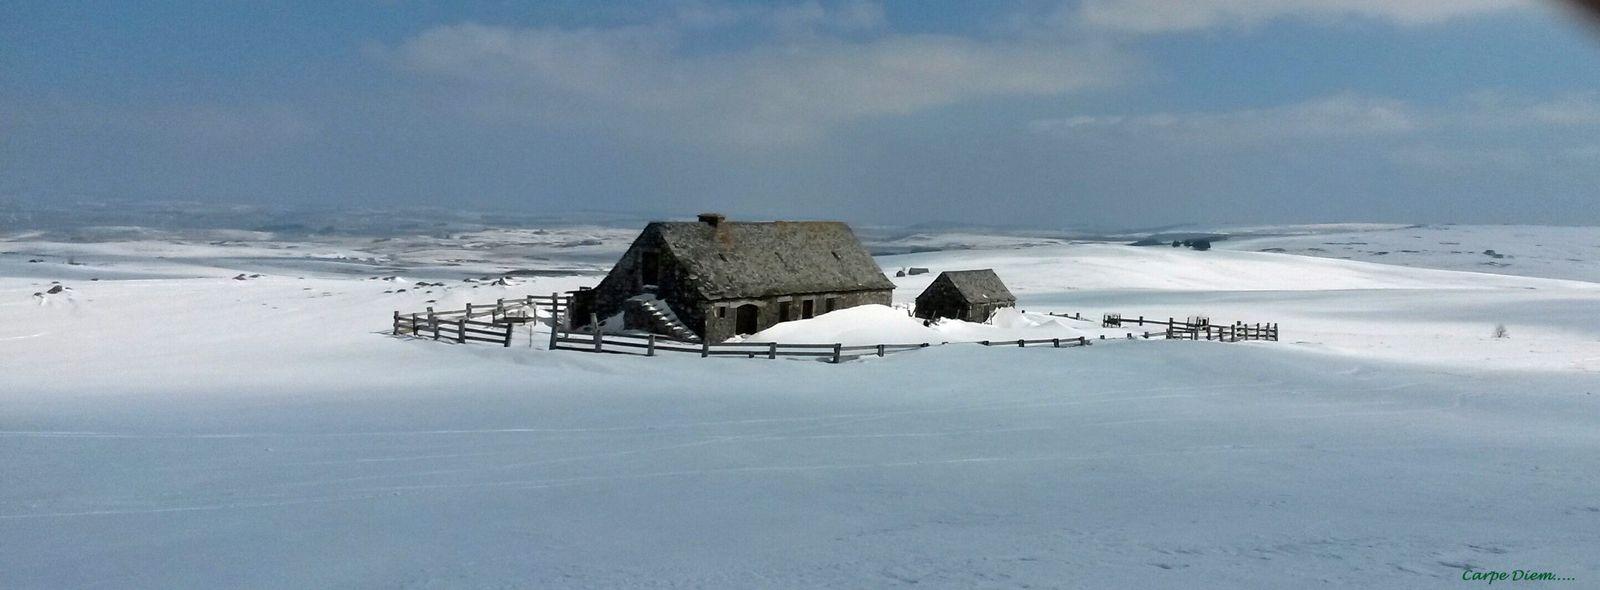 un buron sous la neige, l'immensité du plateau.